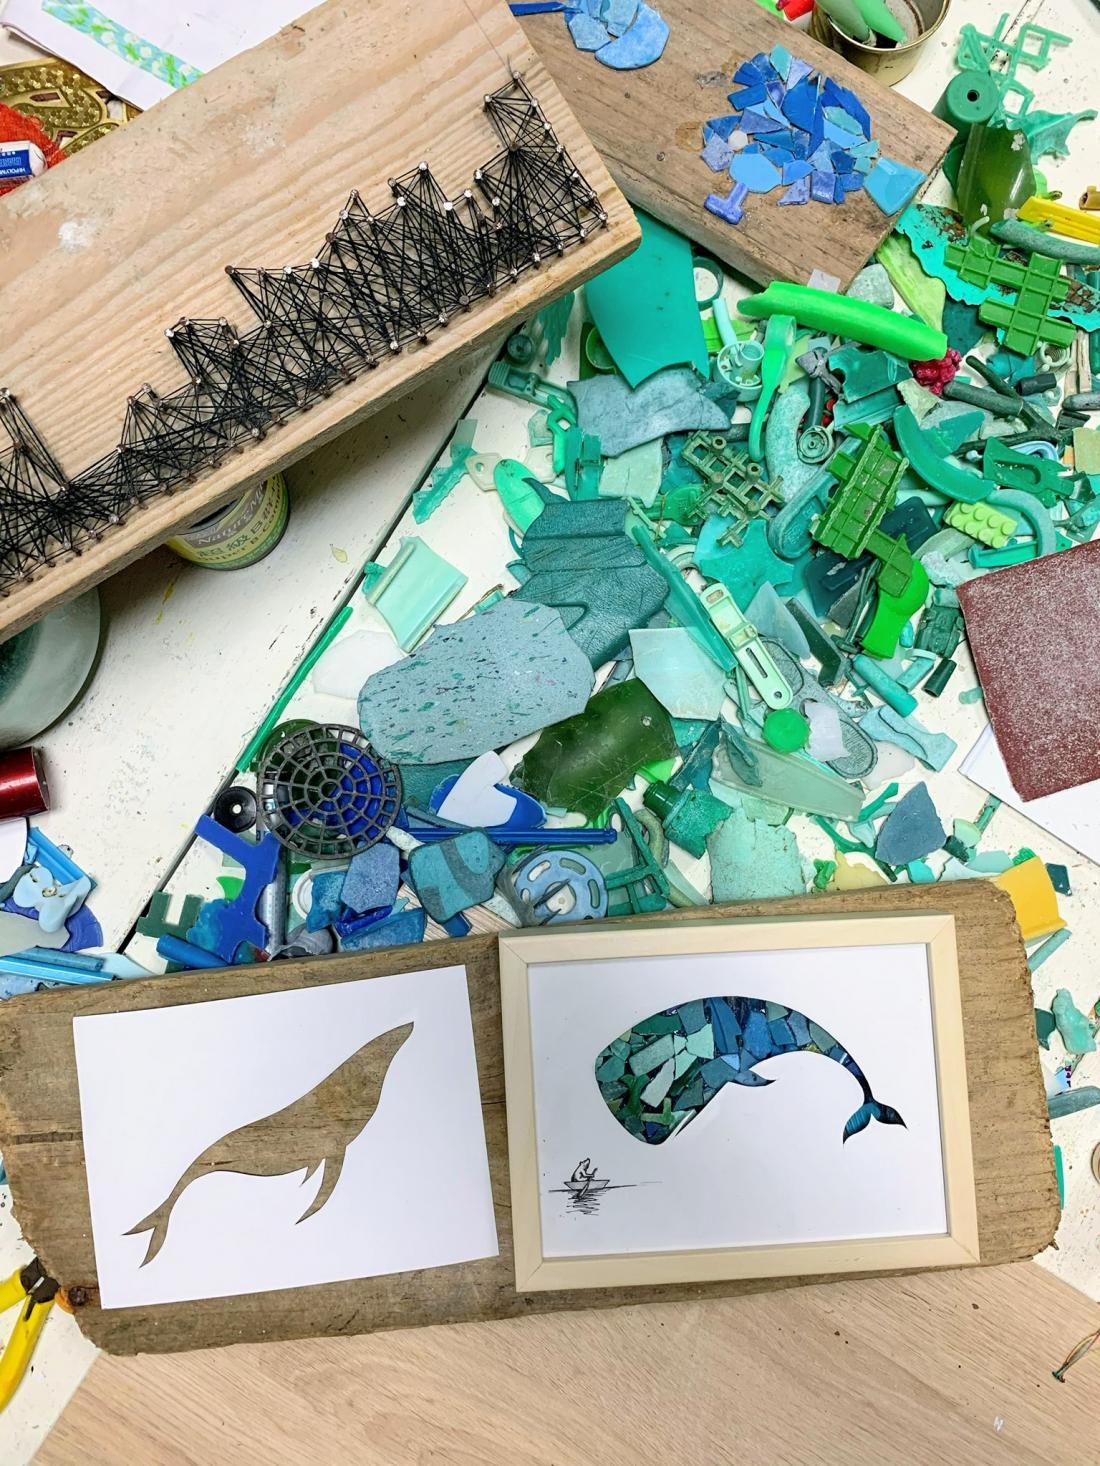 你知道大海裡最多顏色的塑膠碎片是哪一色嗎